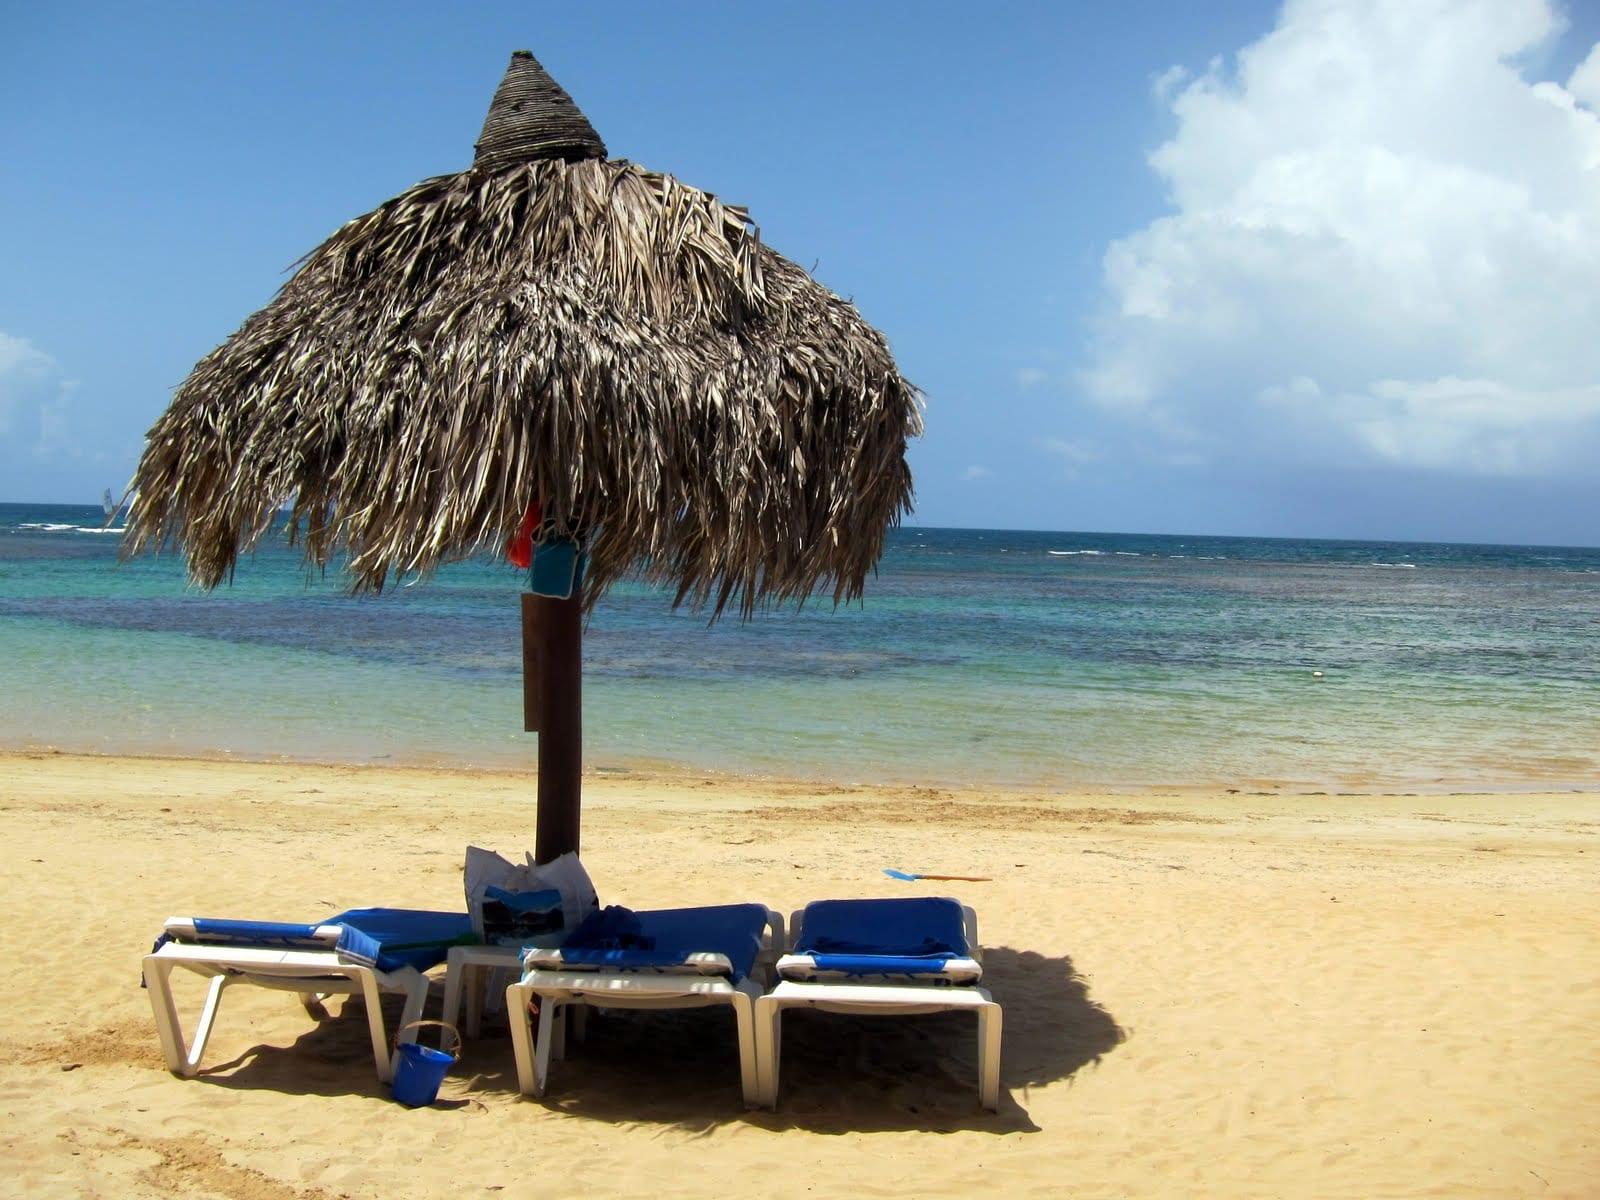 The ideal beach scene on Samana's El Portillo Beach, Dominican Republic.